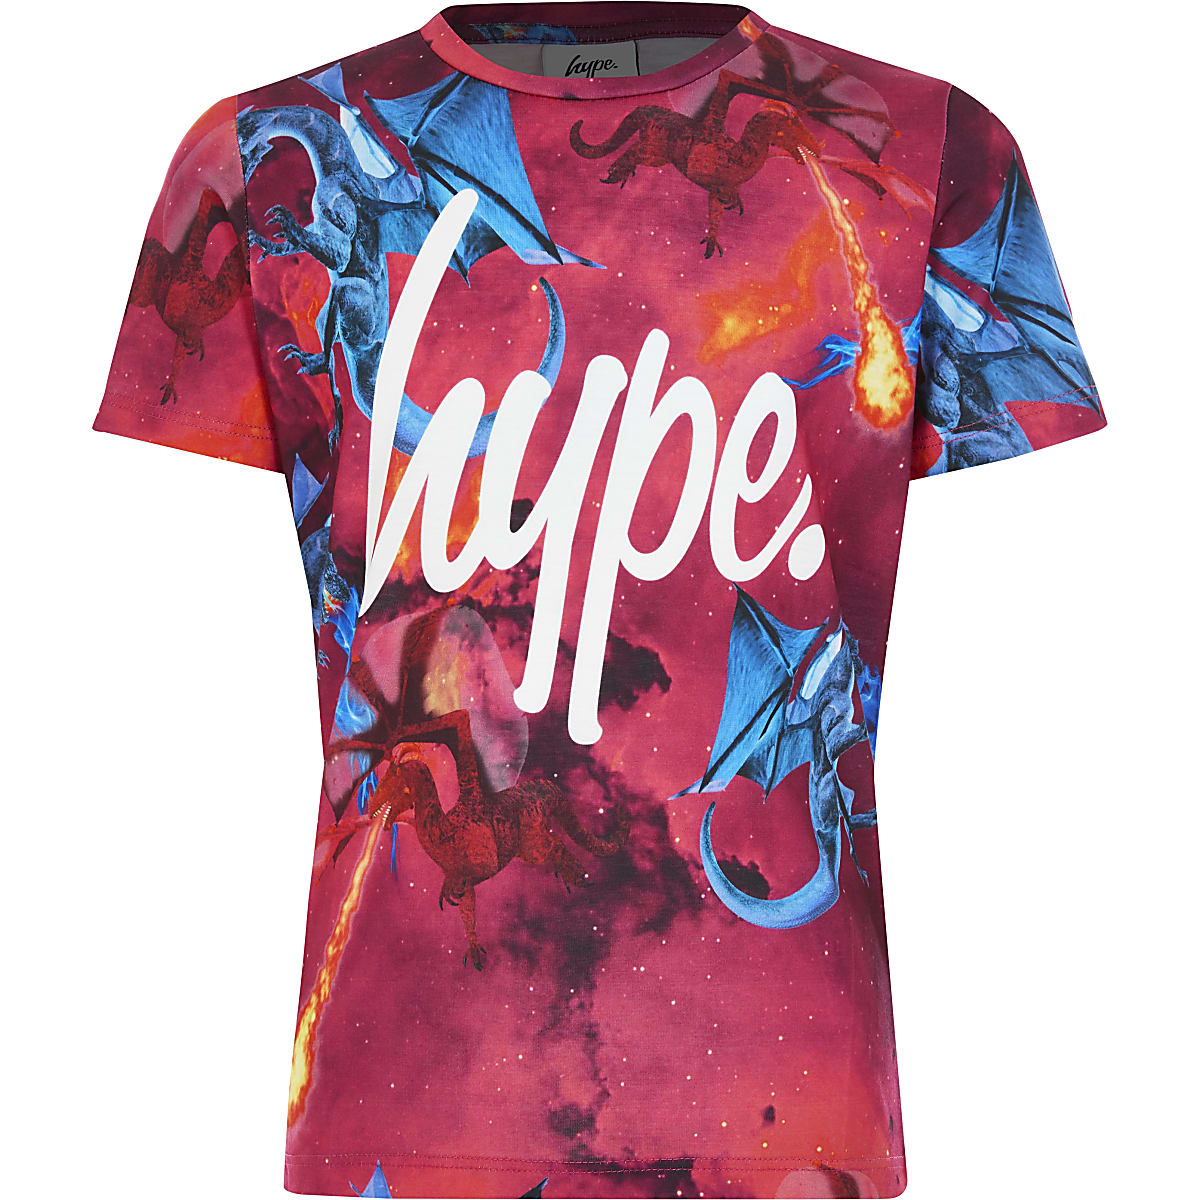 Boys Hype red dragon print T-shirt